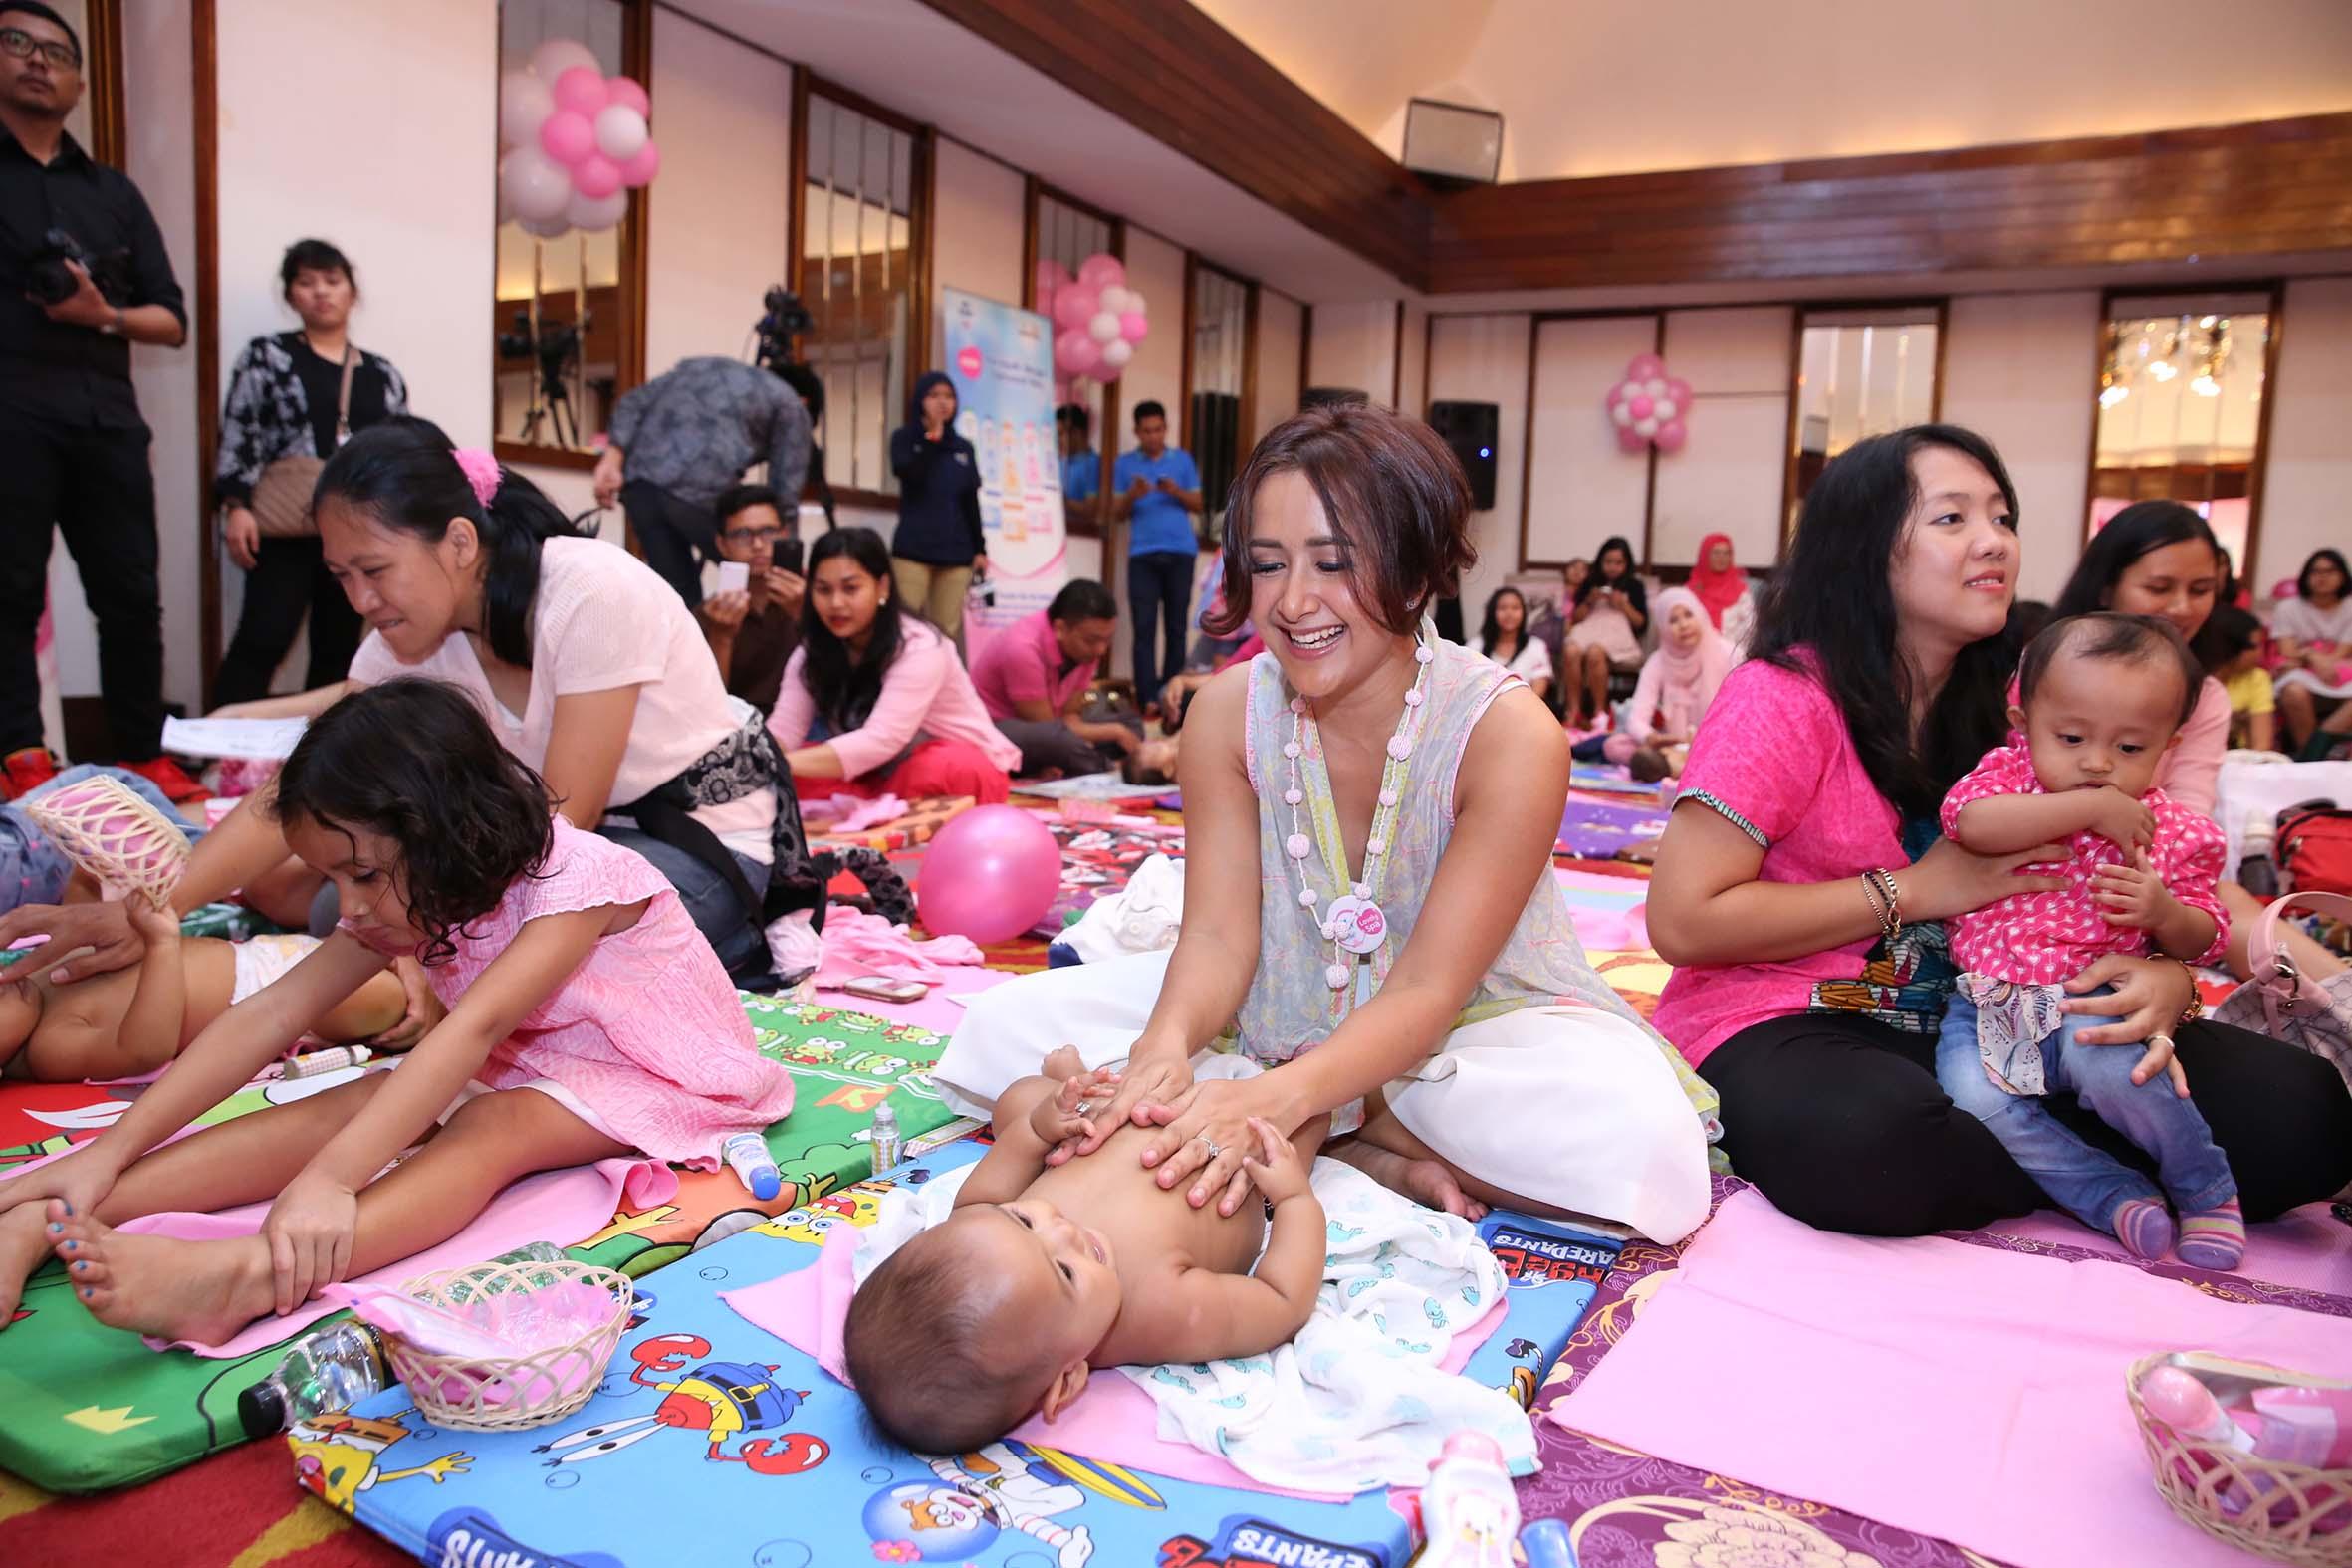 Widi Mulia dan Anak, ikut melakukan pijat bayi bersama ibu-ibu dalam workshop Fun Baby Massage. Foto : Istimewa